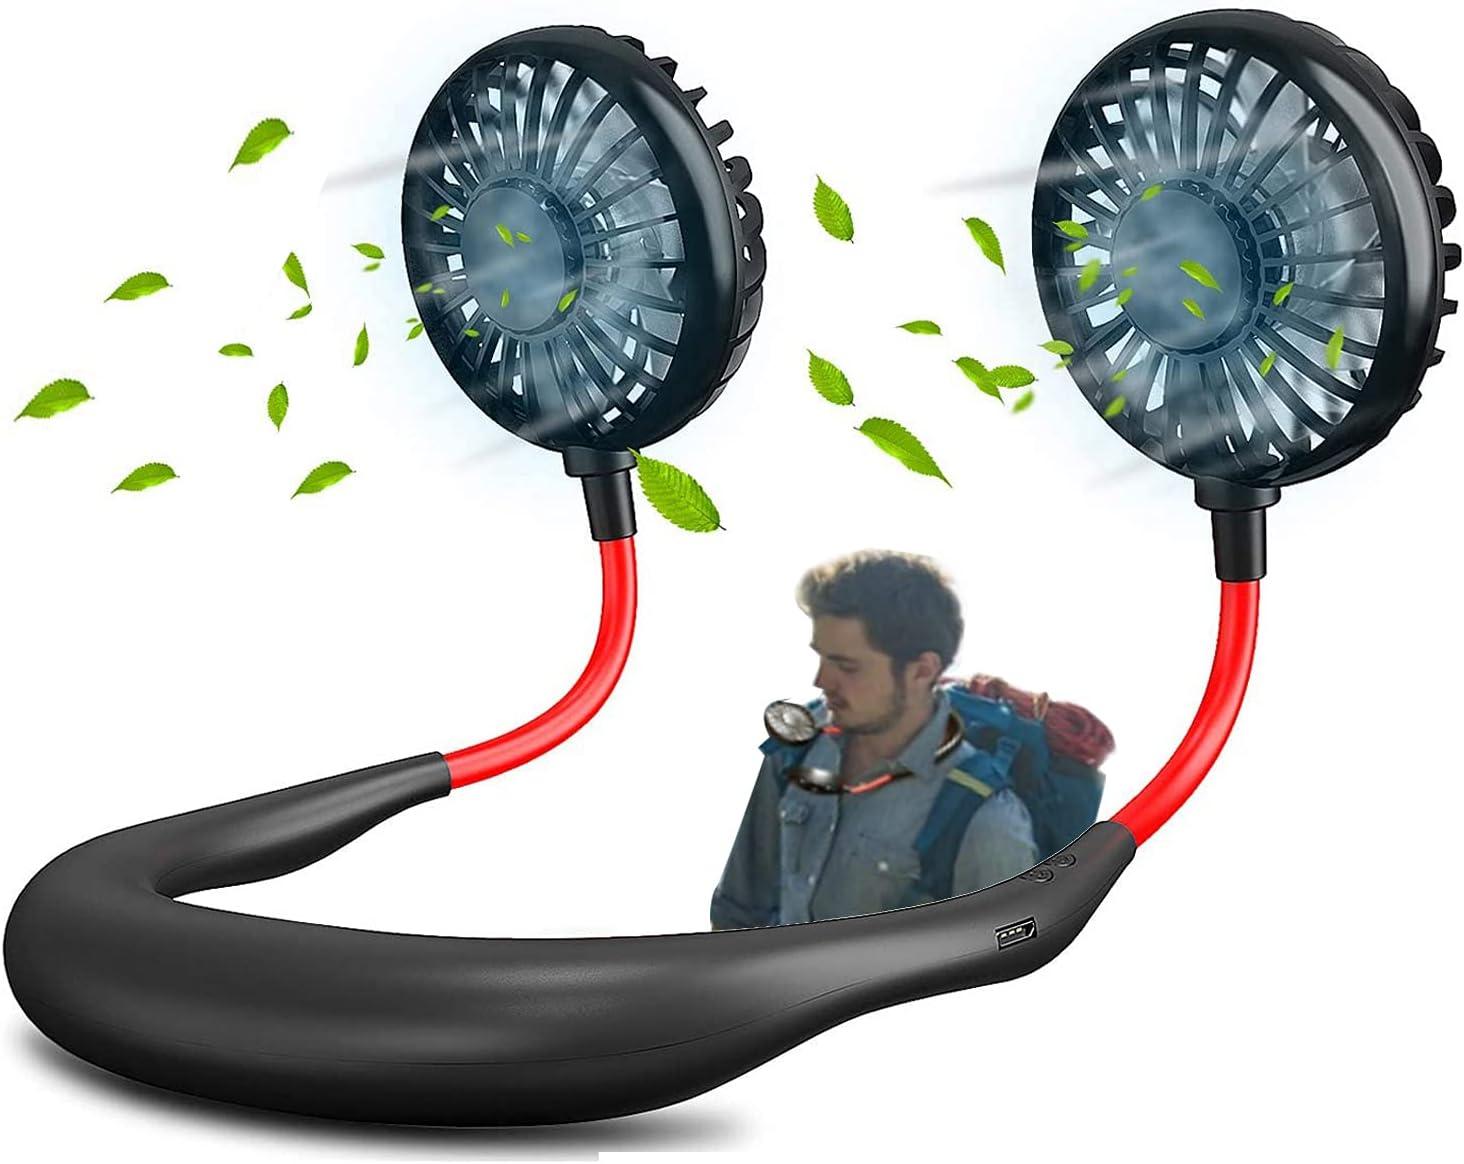 USB Rechargeable Portable Wearable Fan,Neck Fan, Hand Free Personal Fan, 360 Degree Adjustable Necklace Mini Fan for office Travel Outdoors-Black